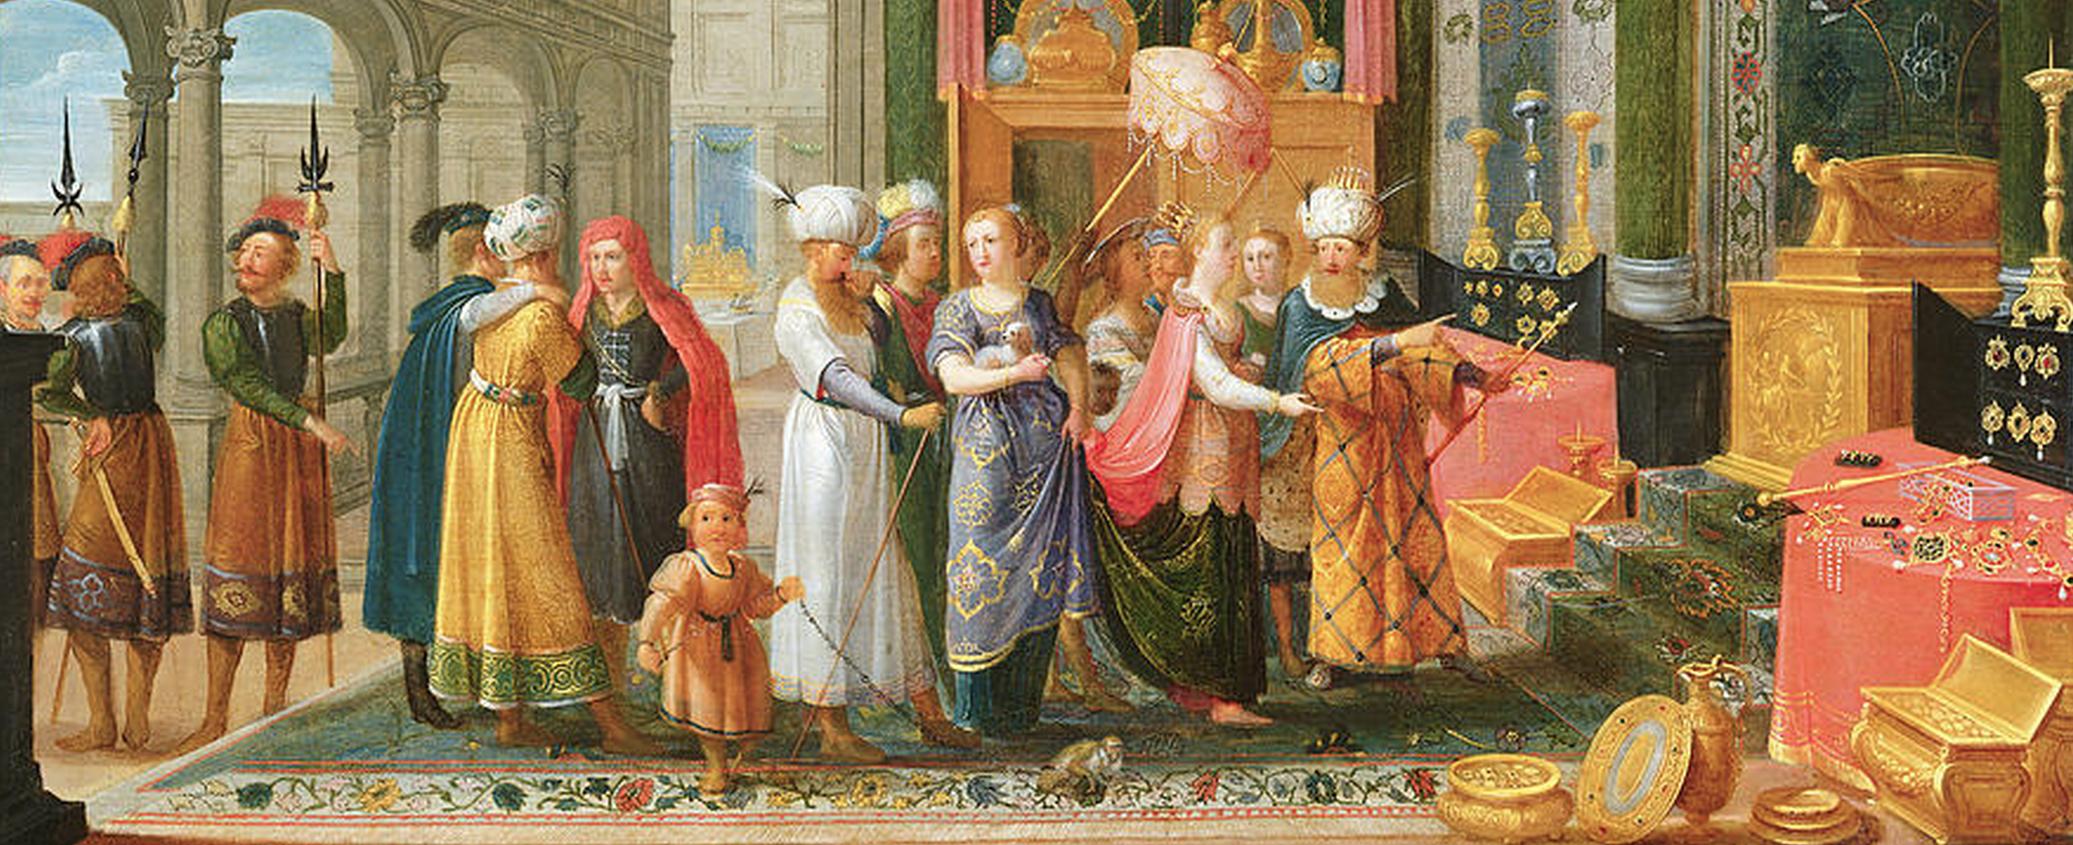 Jewish people painting